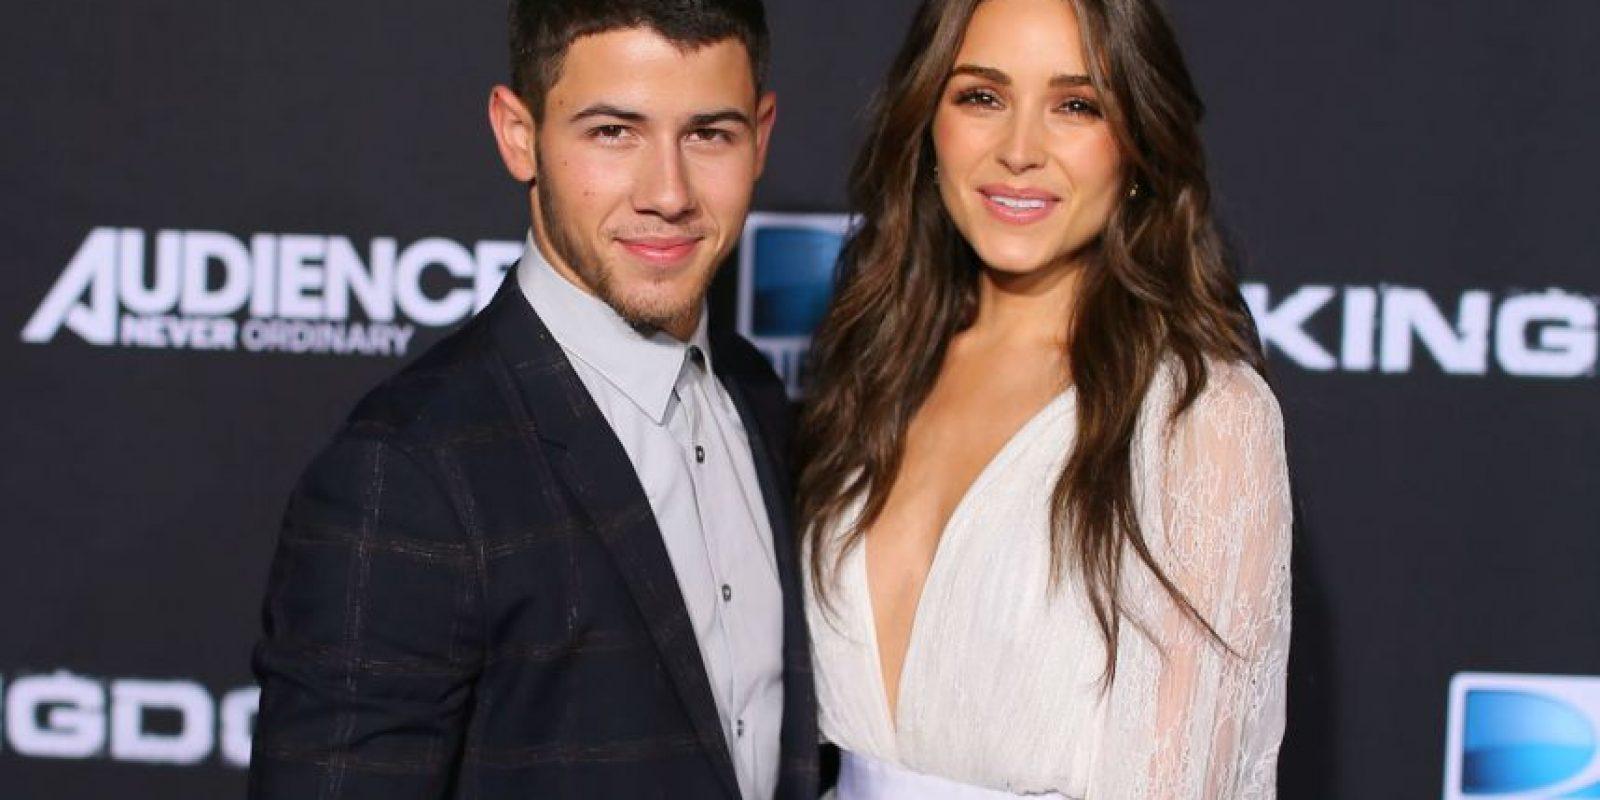 El músco y la ex Miss Universo se separaron tras dos años de relación. Foto:Getty Images